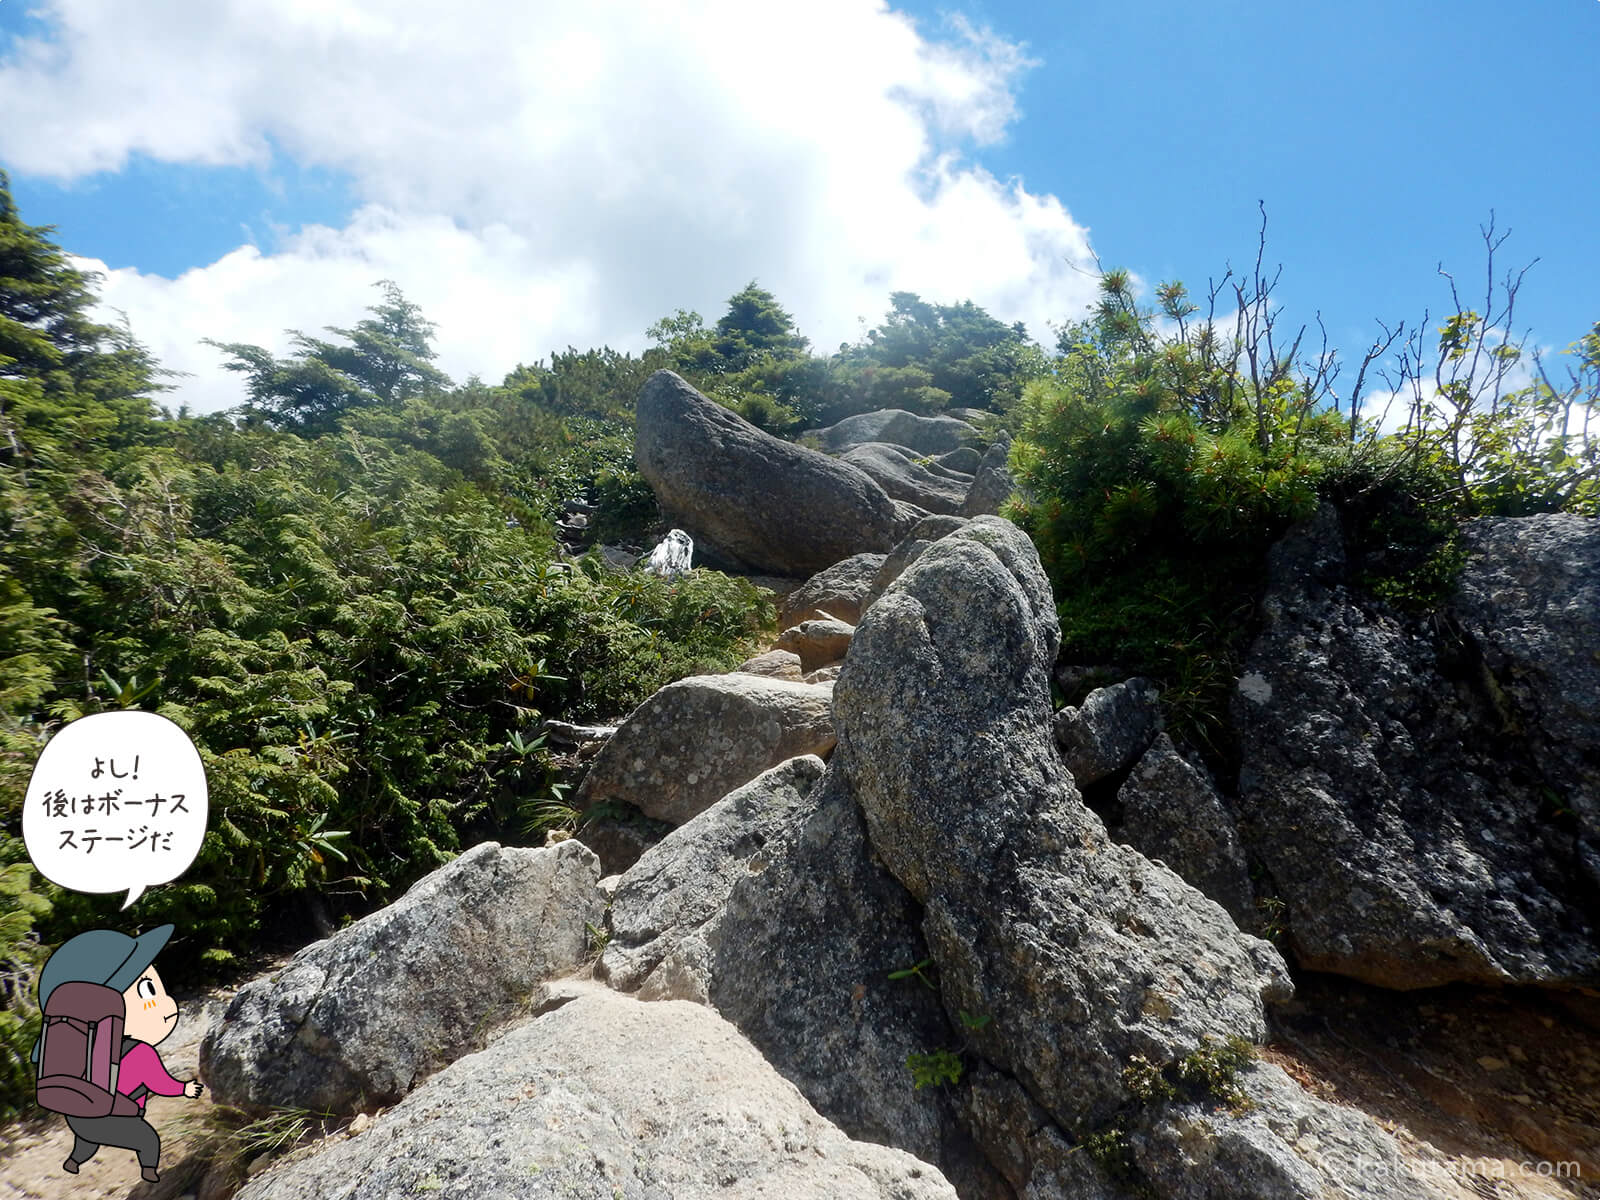 砂払ノ頭から金峰山へ向かってあるき出す1